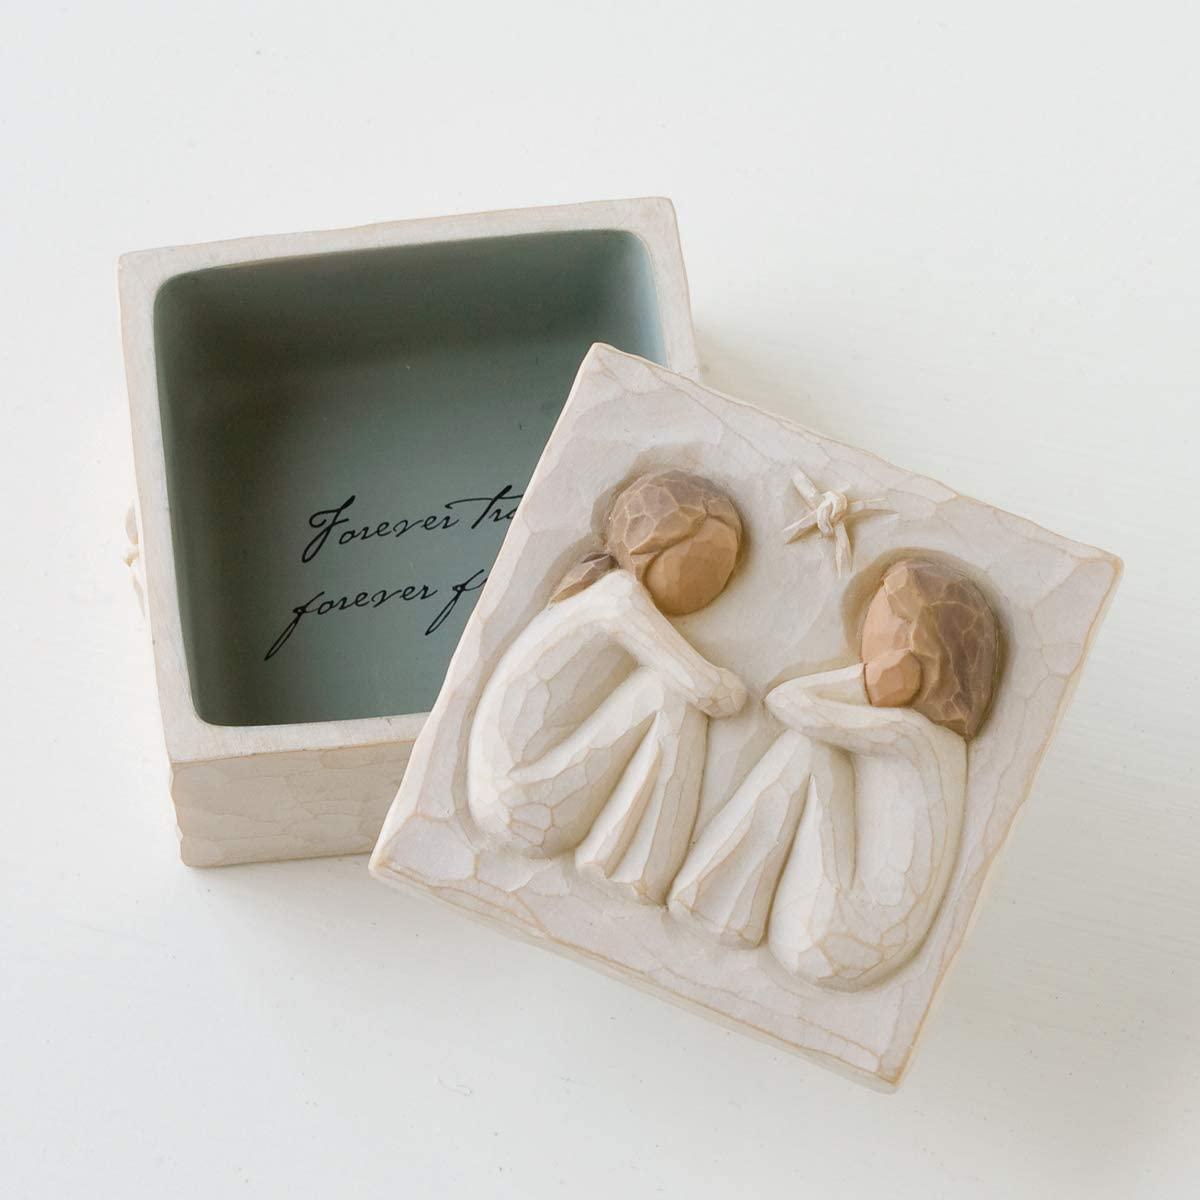 maid-of-honor-gifts-keepsake-box